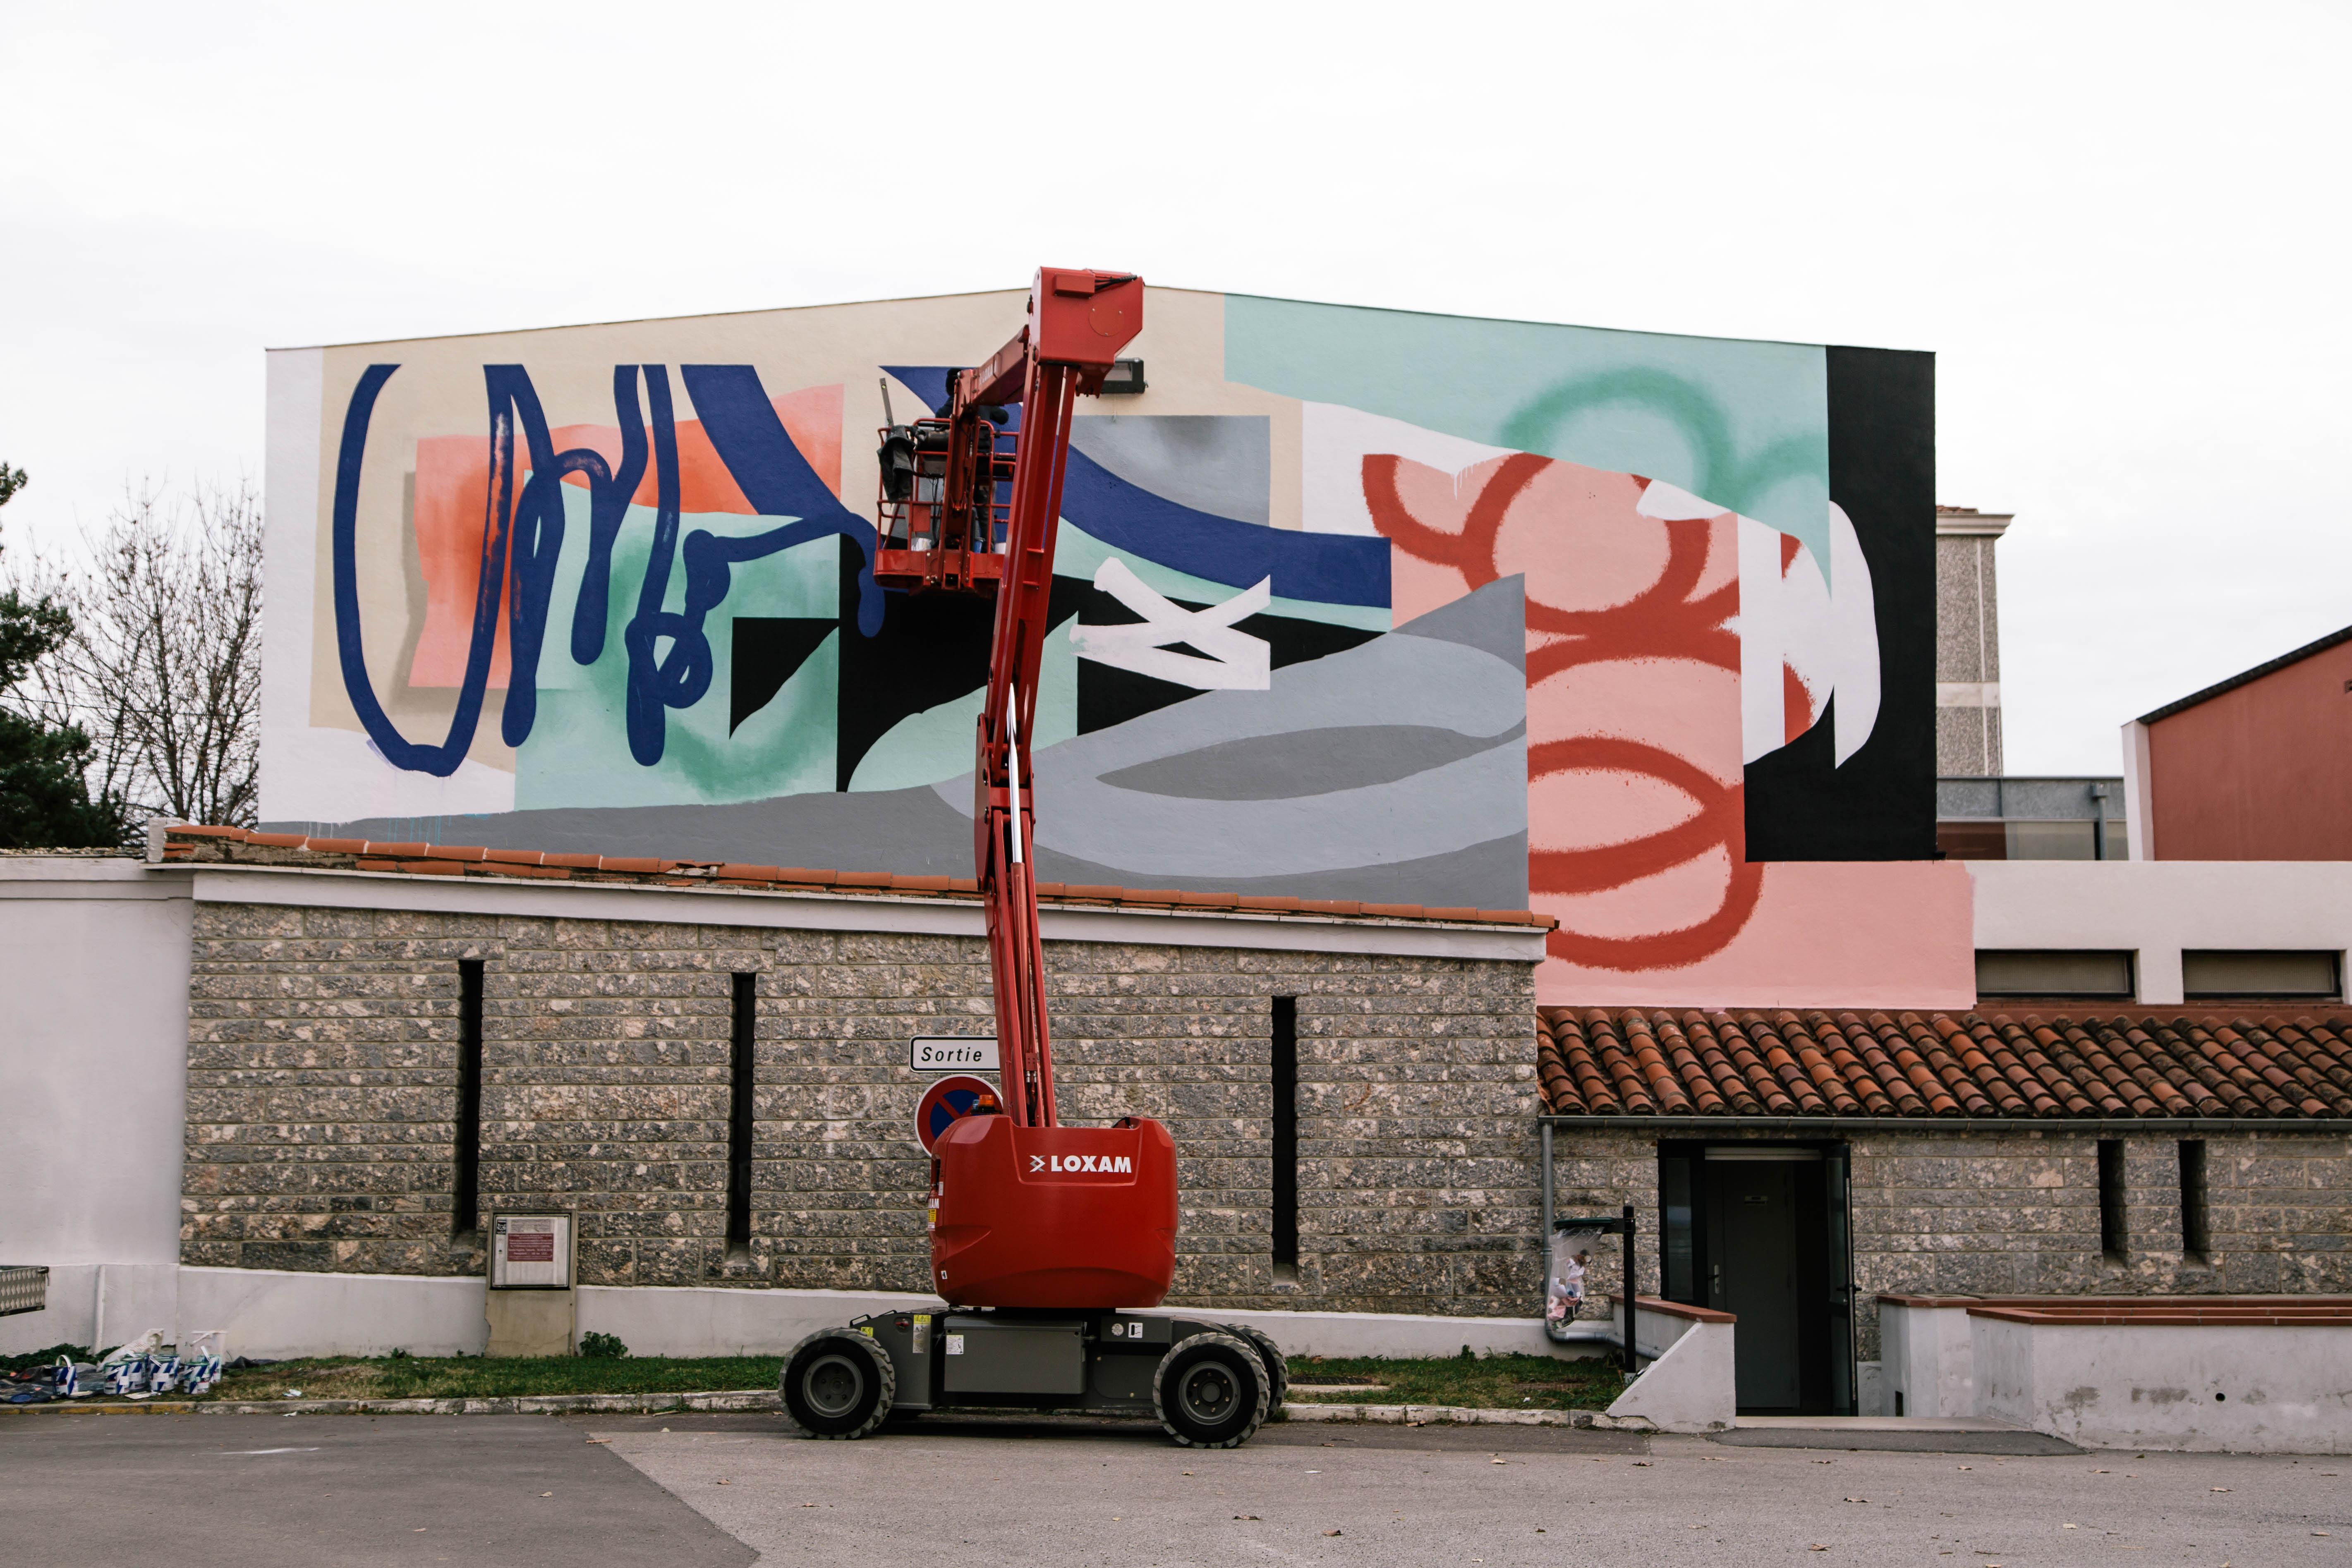 Blo new mural in Perpignan, France Artes & contextos D 083A1652